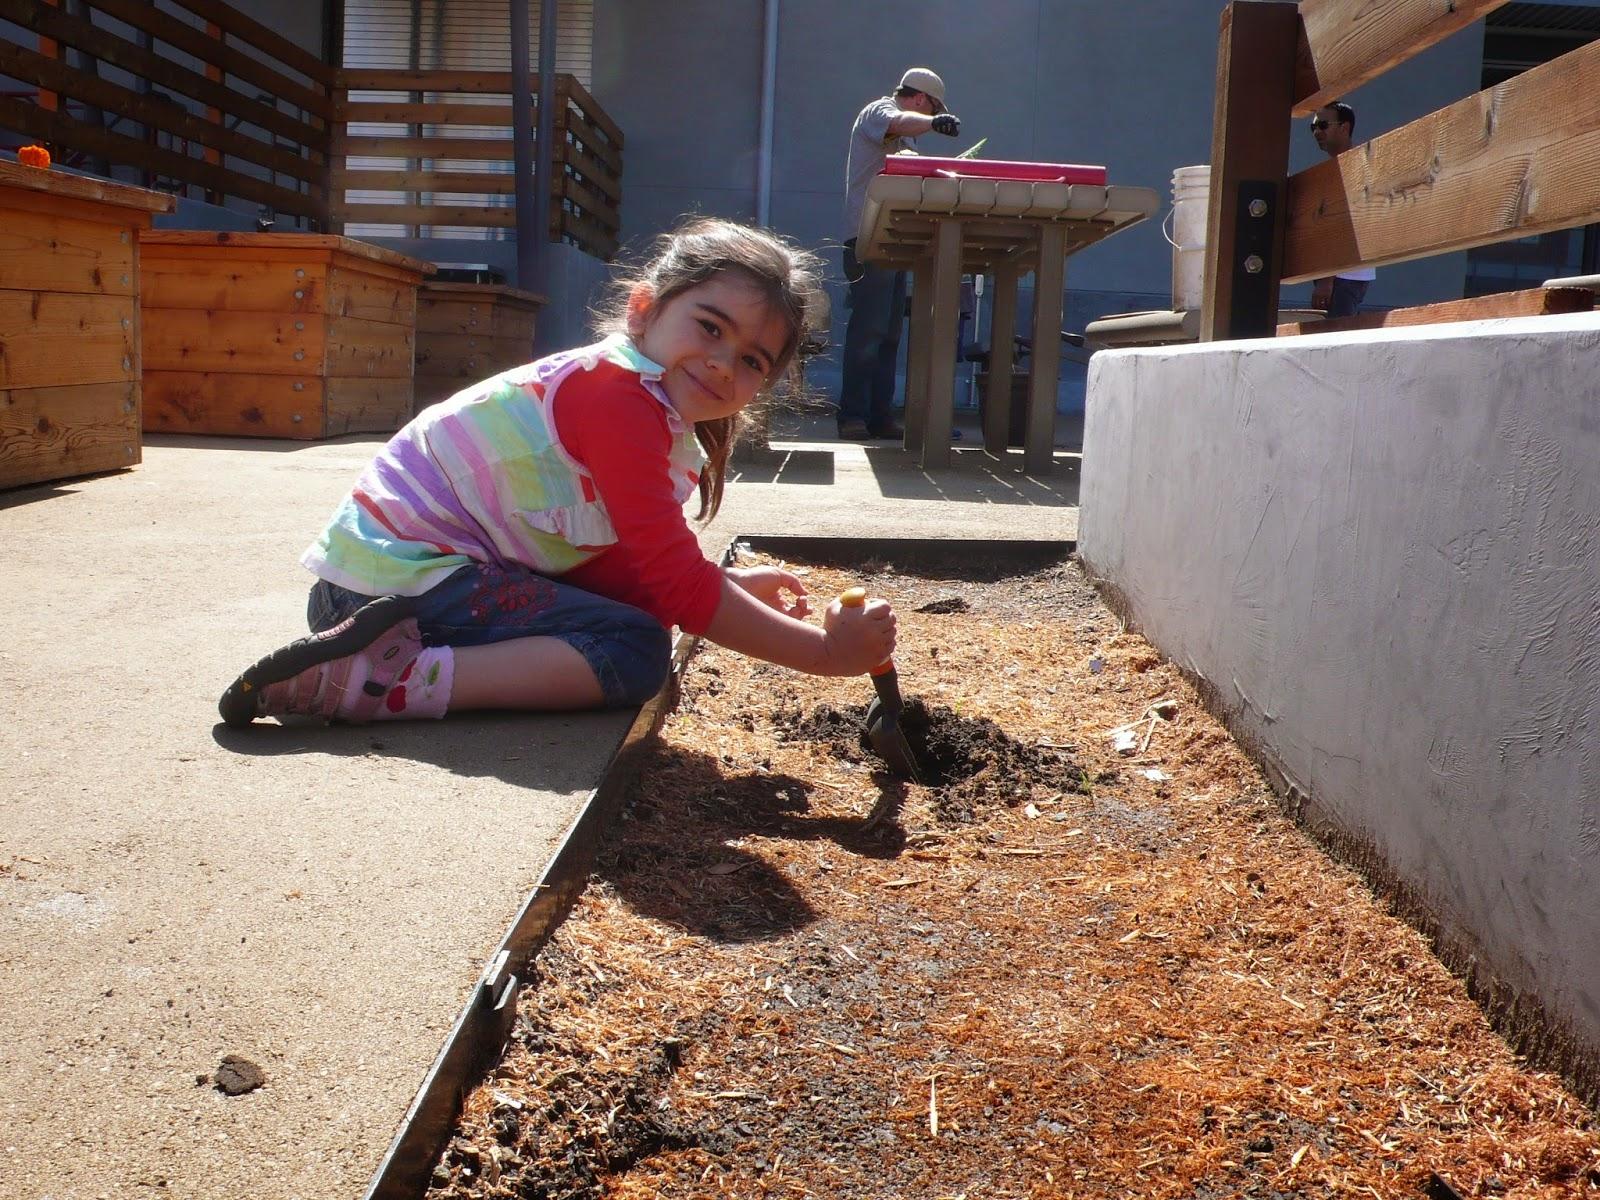 Montclair Elementary School student working in the garden.